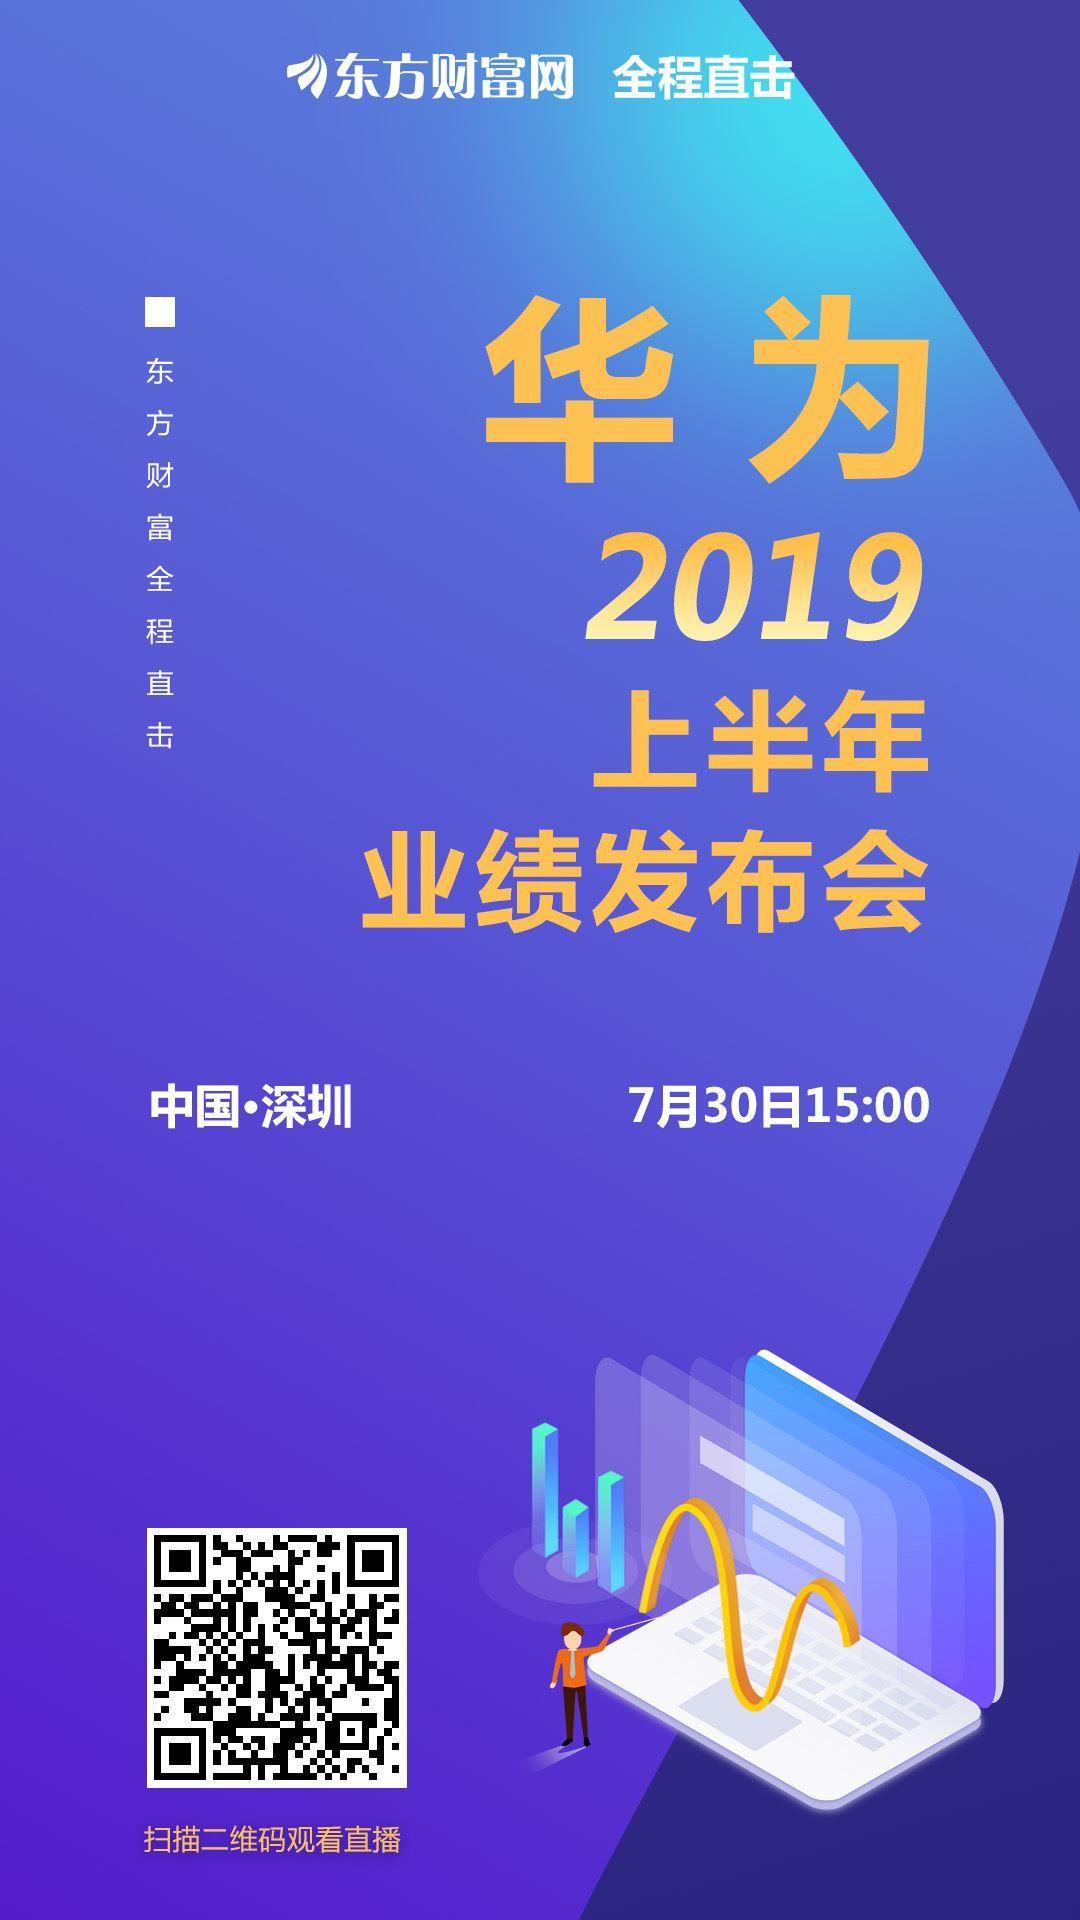 【直播预告】华为公司将于今日下午举行2019年上半年业绩发布会